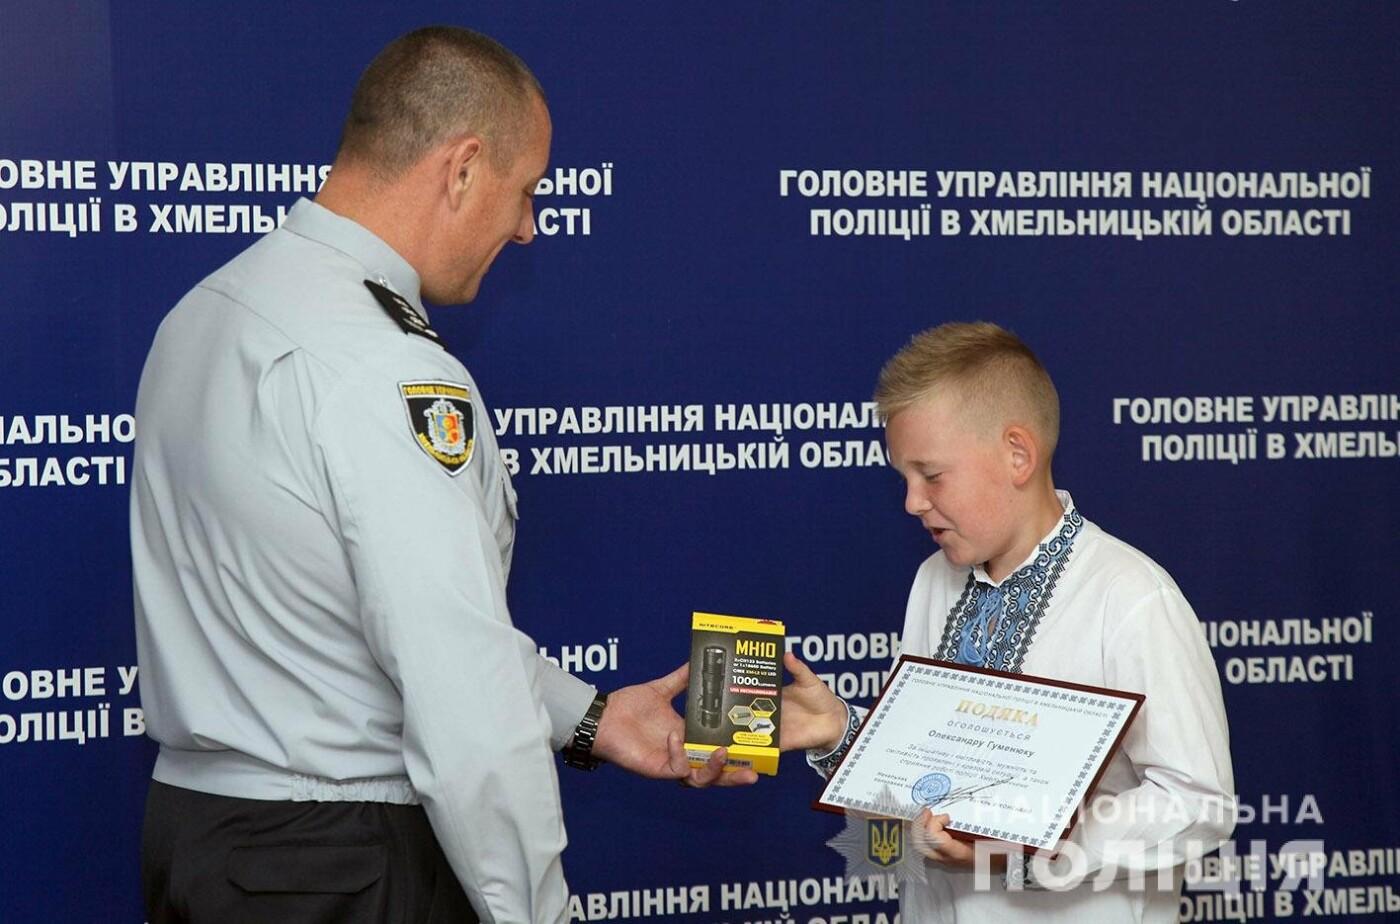 Хмельницькі правоохоронці нагородили відзнакою 13-річного хлопчика (фото, відео), фото-3